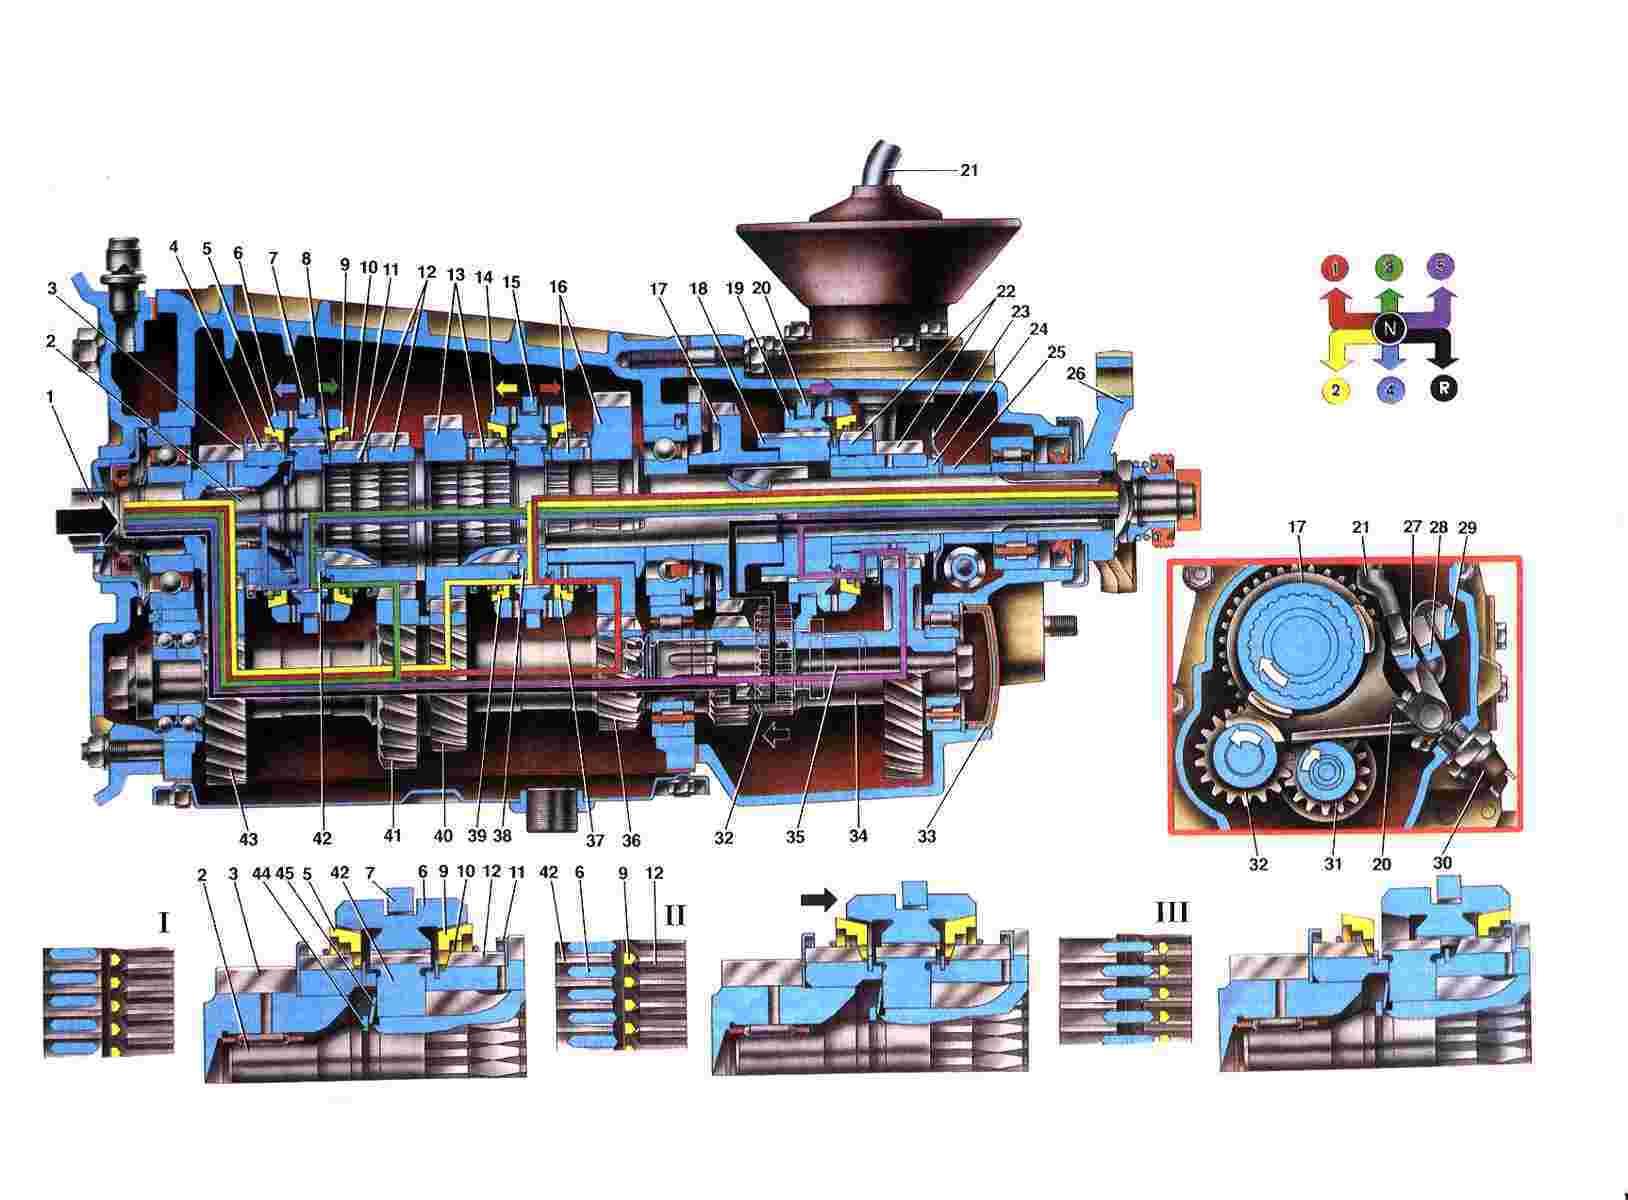 Схема работа коробки передач: 1. Первичный вал; 2. Вторичный вал; 3. Шестерня постоянного зацепления первичного вала...